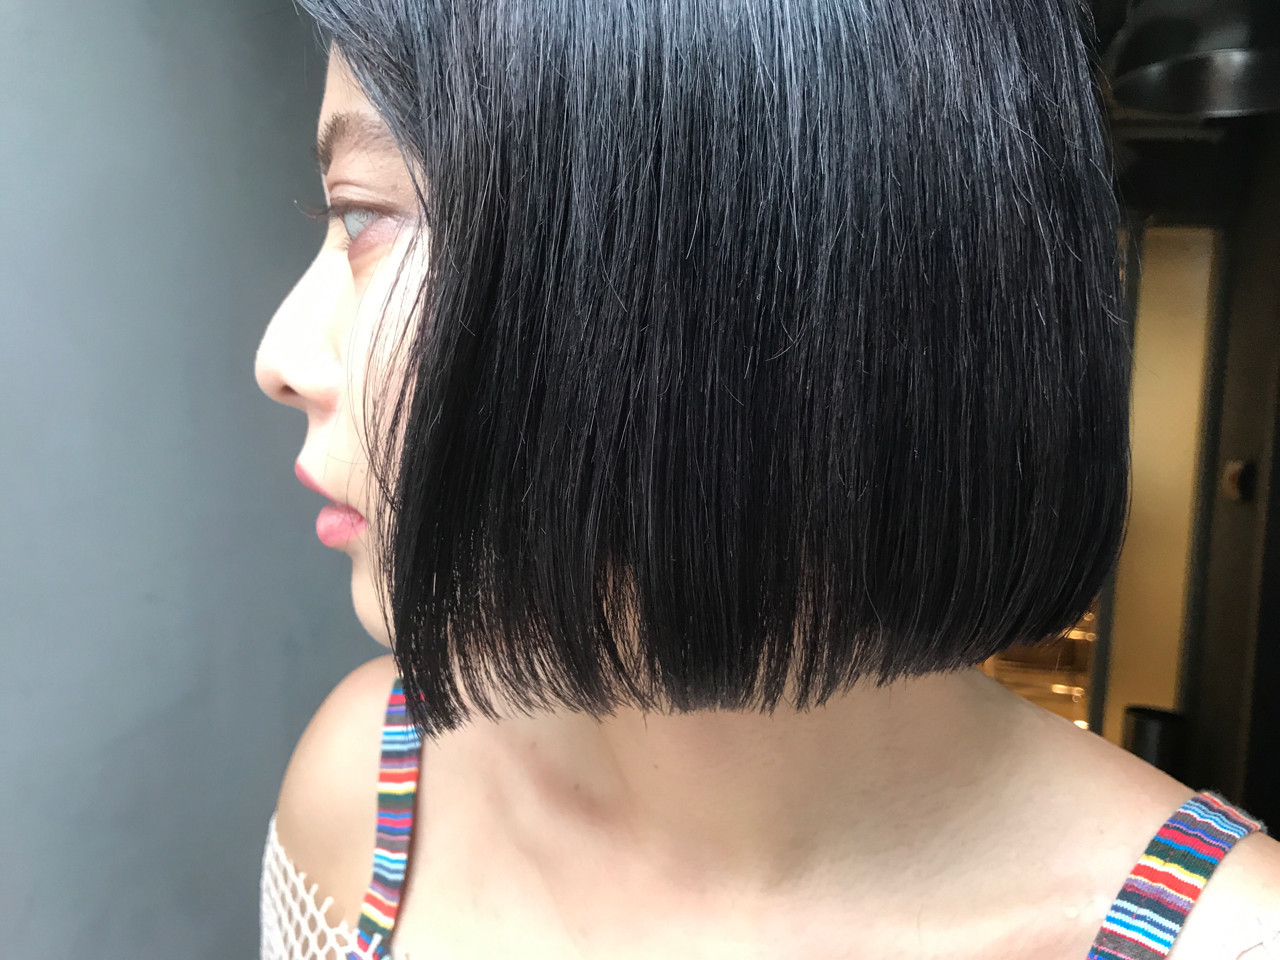 ブルーブラック アッシュブラック ボブ ワンレングス ヘアスタイルや髪型の写真・画像